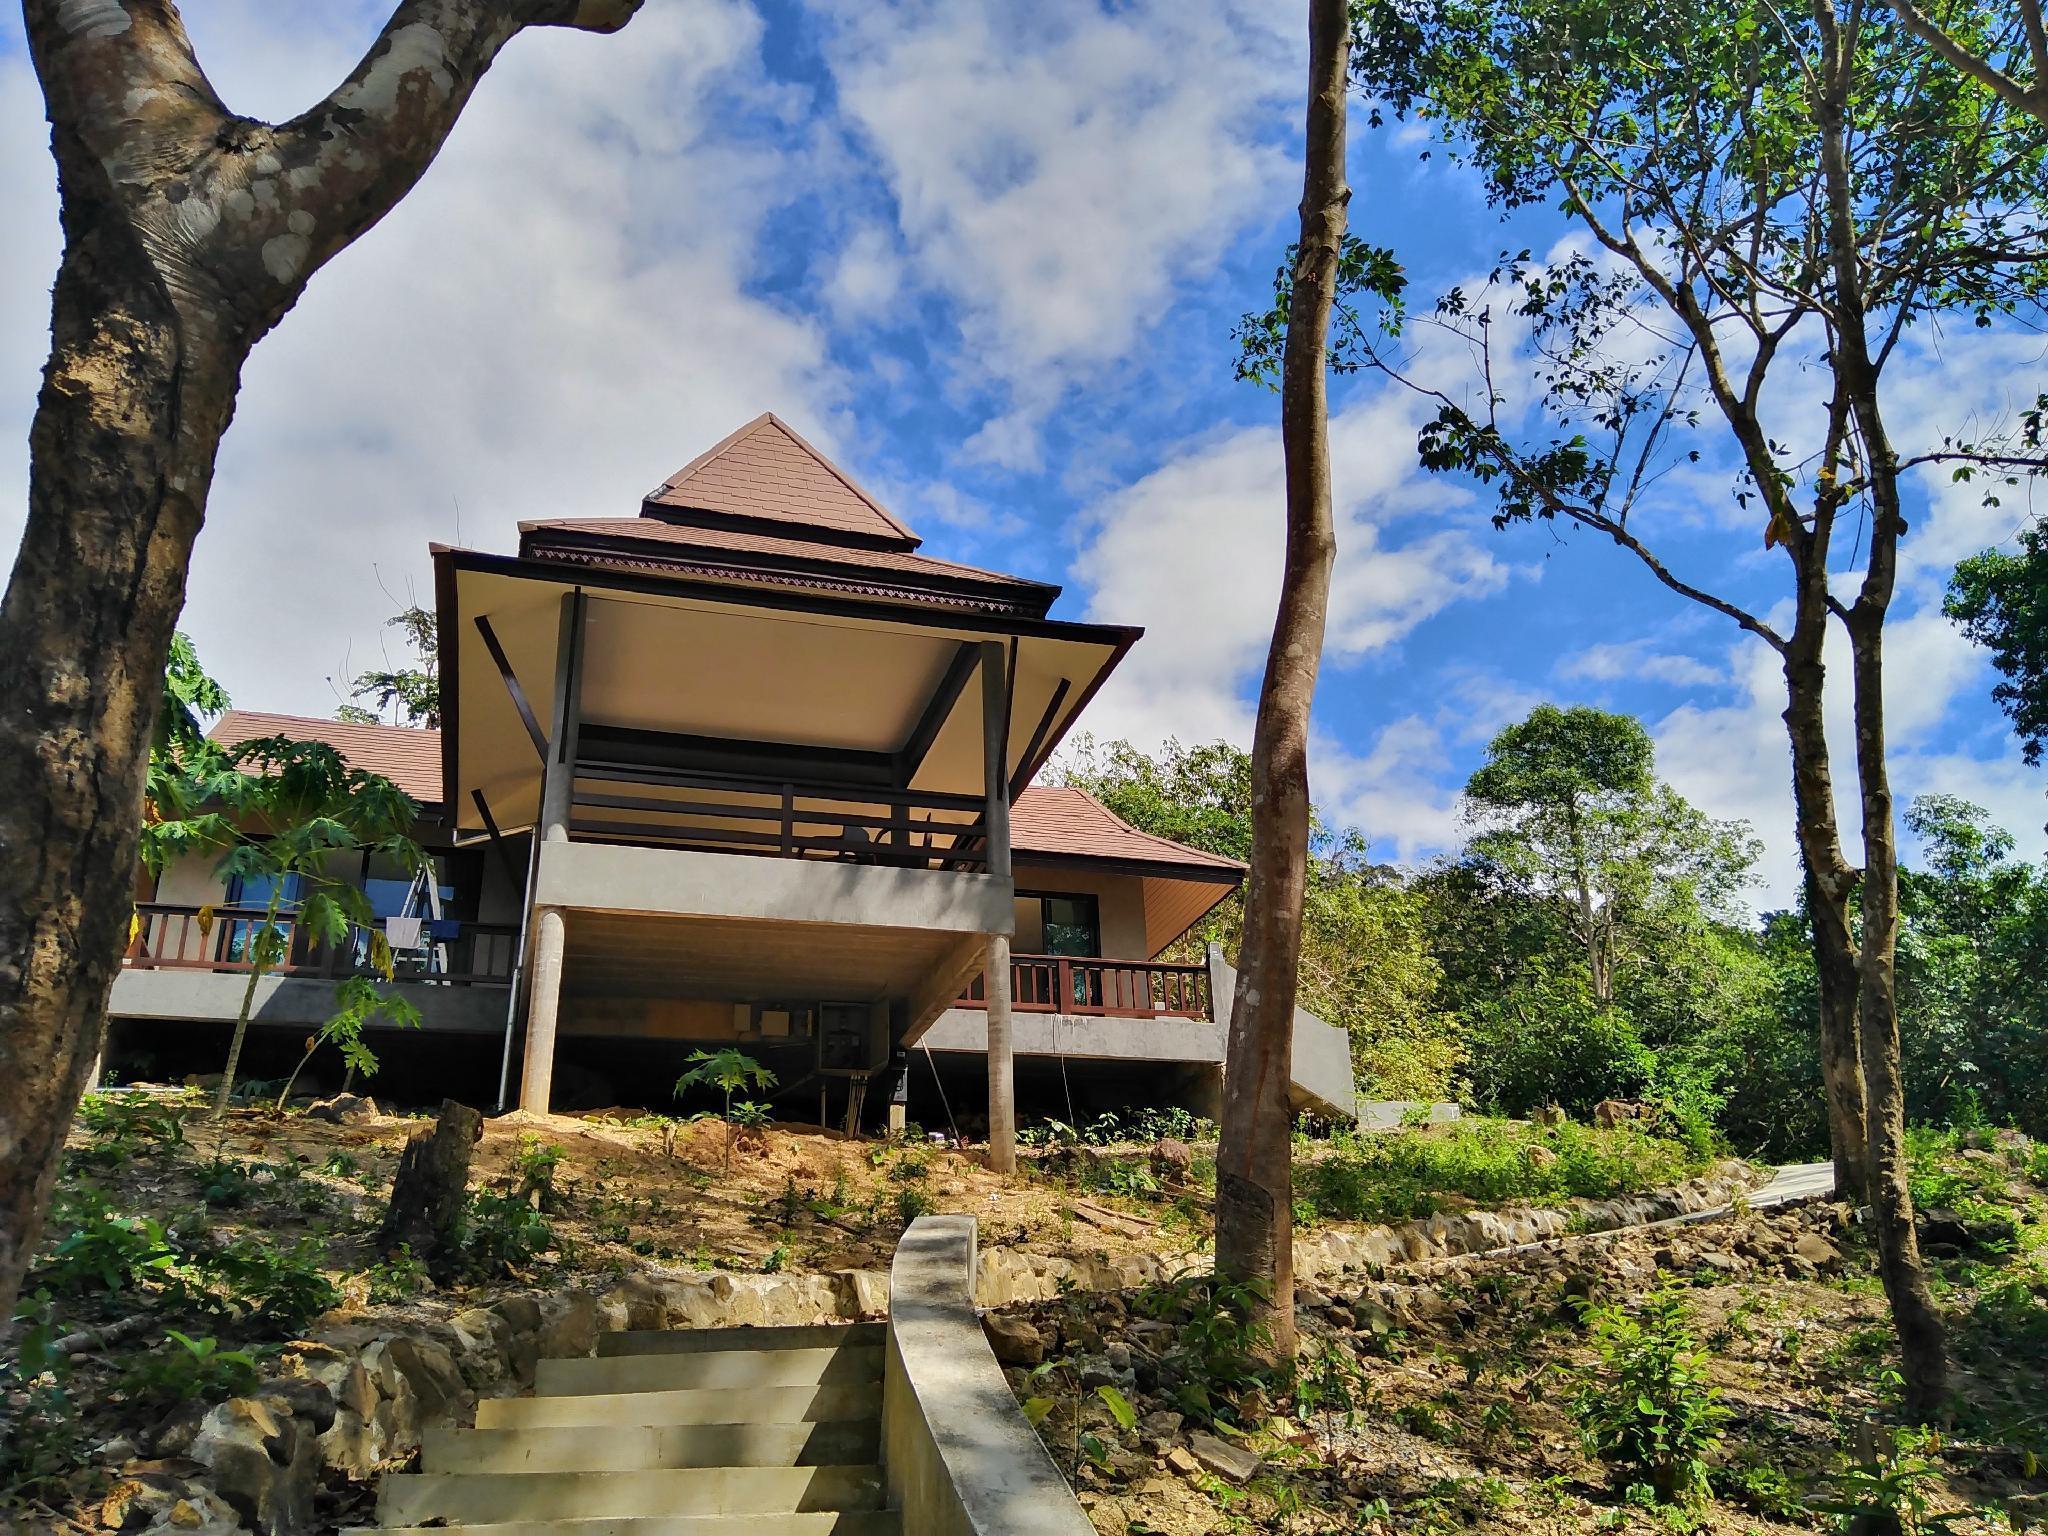 Baan Ton Rak Boutique Resort Hill House บ้านเดี่ยว 2 ห้องนอน 2 ห้องน้ำส่วนตัว ขนาด 200 ตร.ม. – หาดทรายขาว